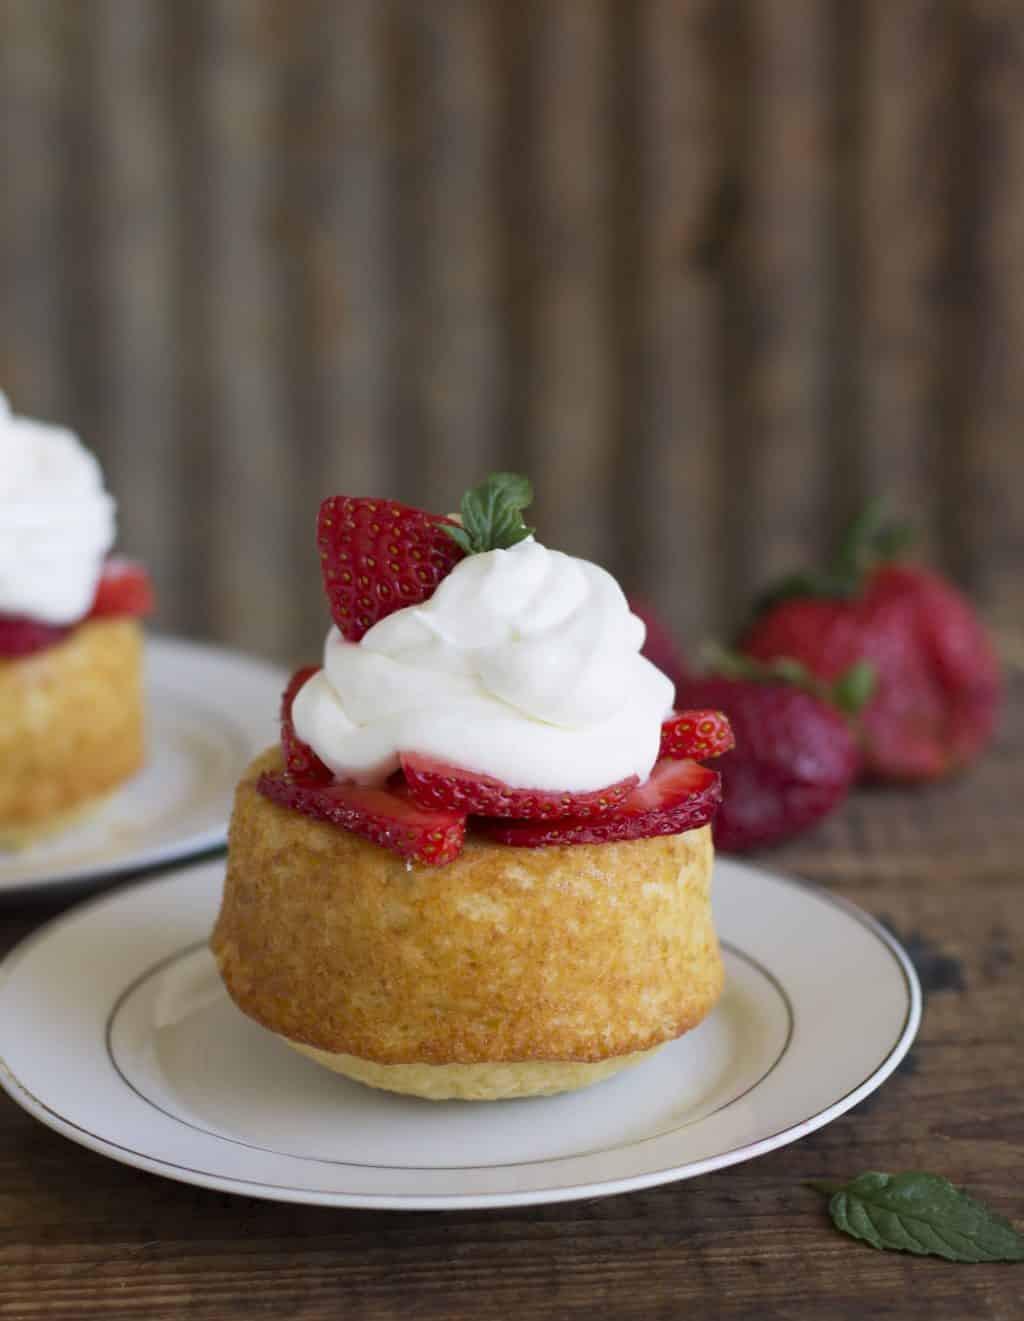 Strawberry Shortcake Dessert Recipes  Homemade Strawberry Shortcake